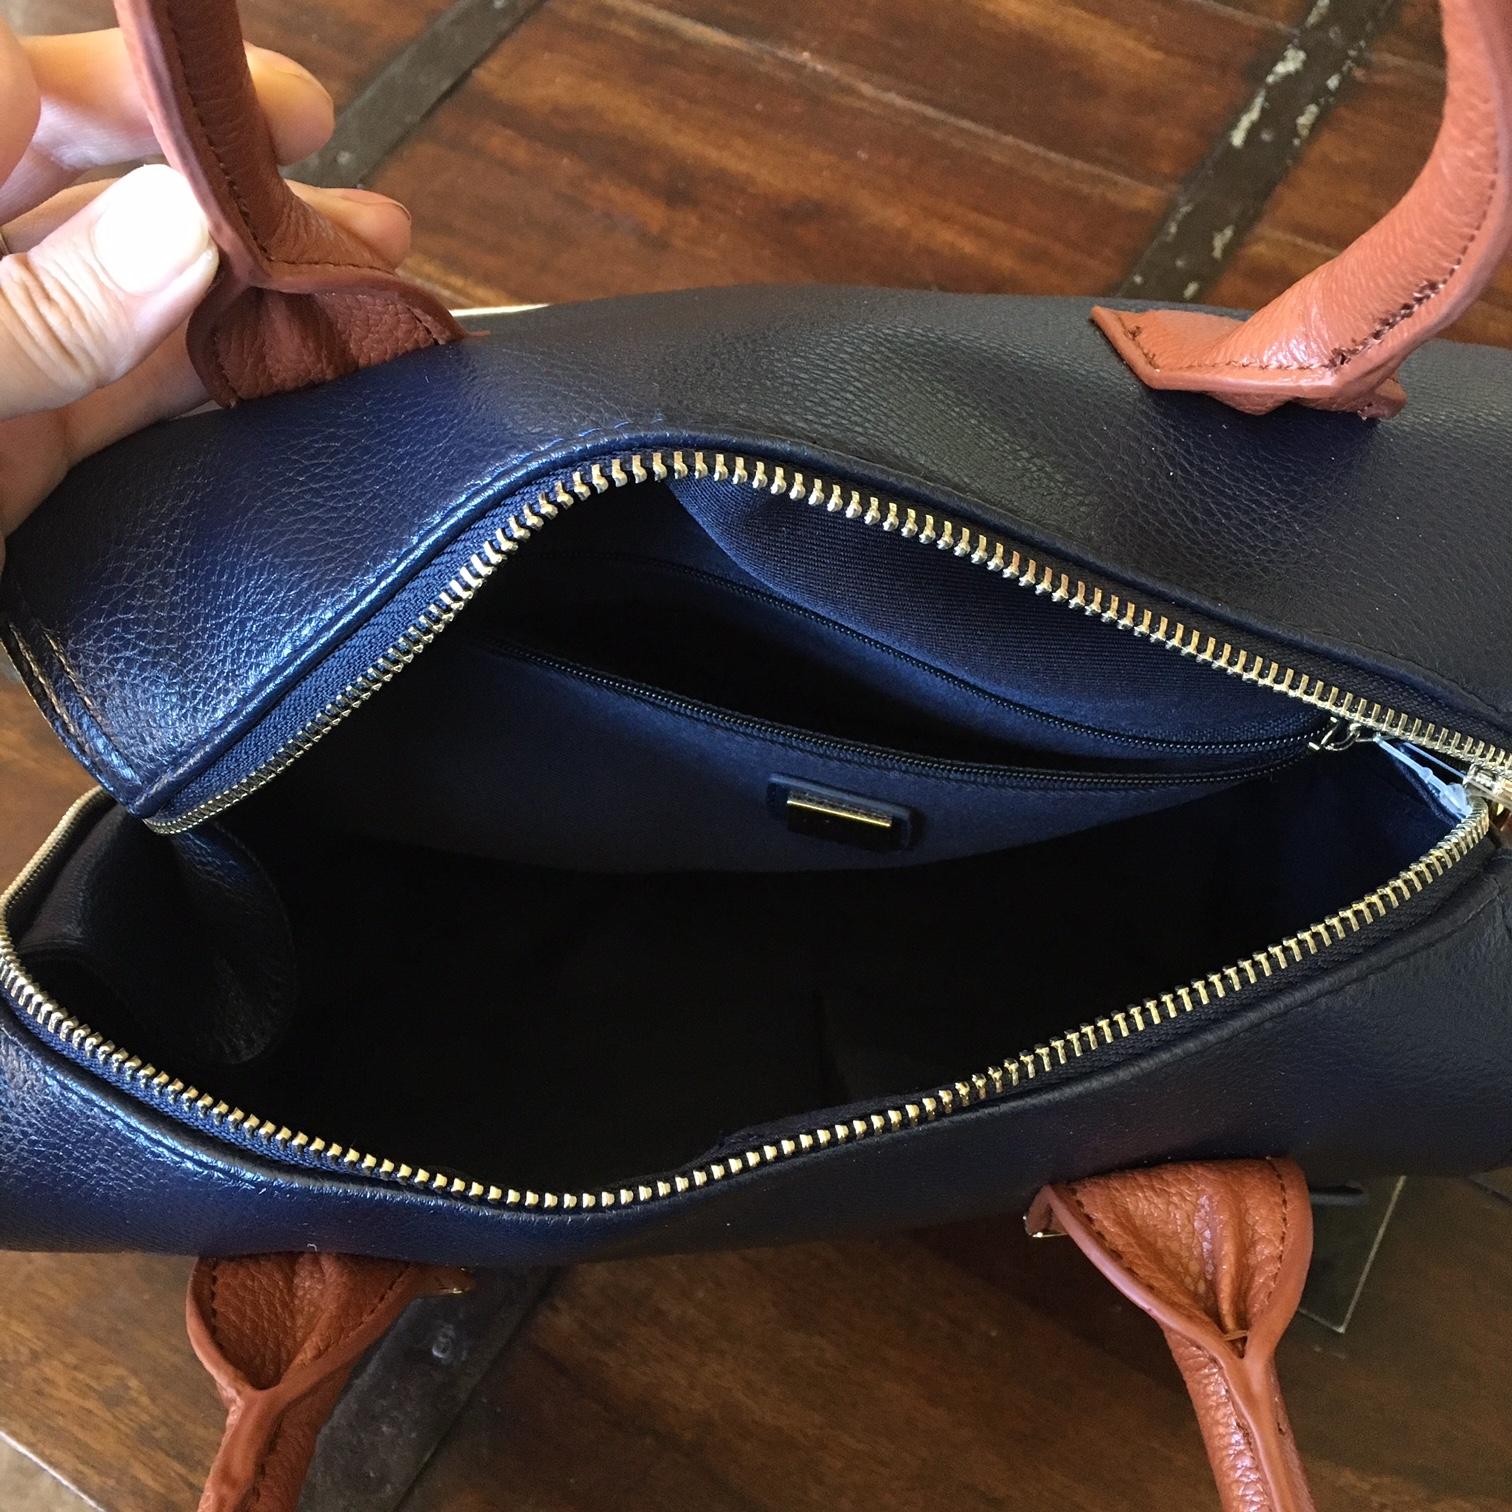 88 handbags inside